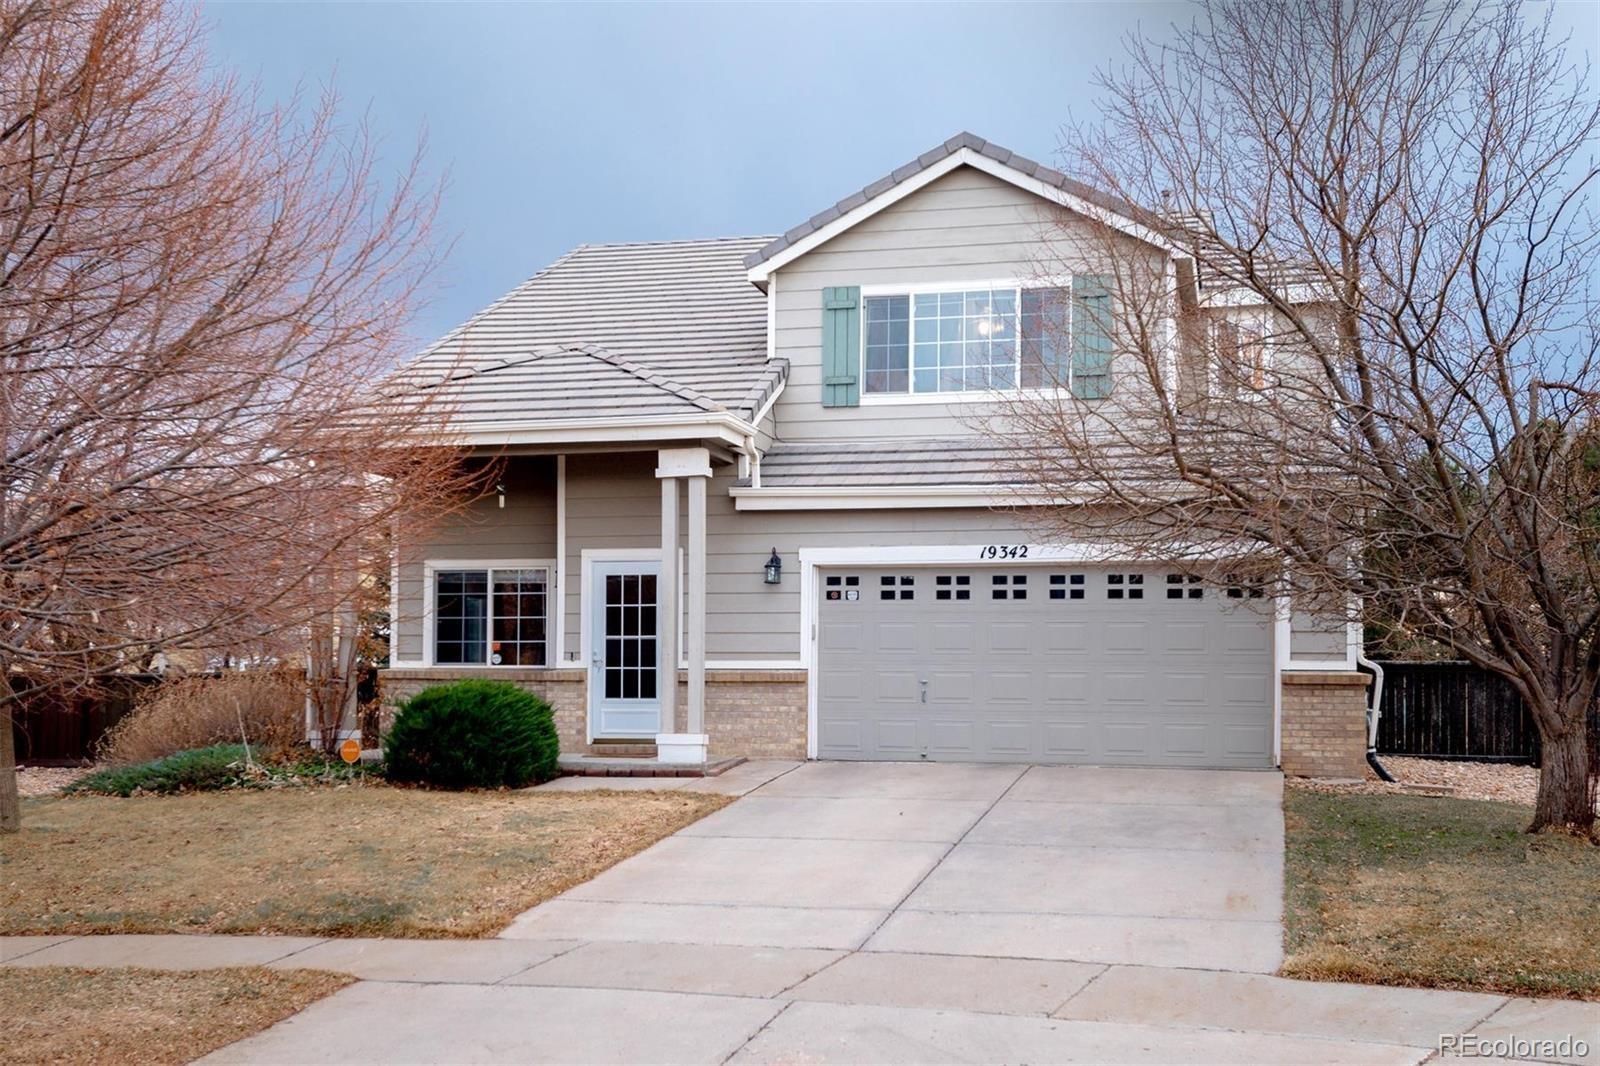 MLS# 8142011 - 2 - 19342 E 58th Place, Aurora, CO 80019